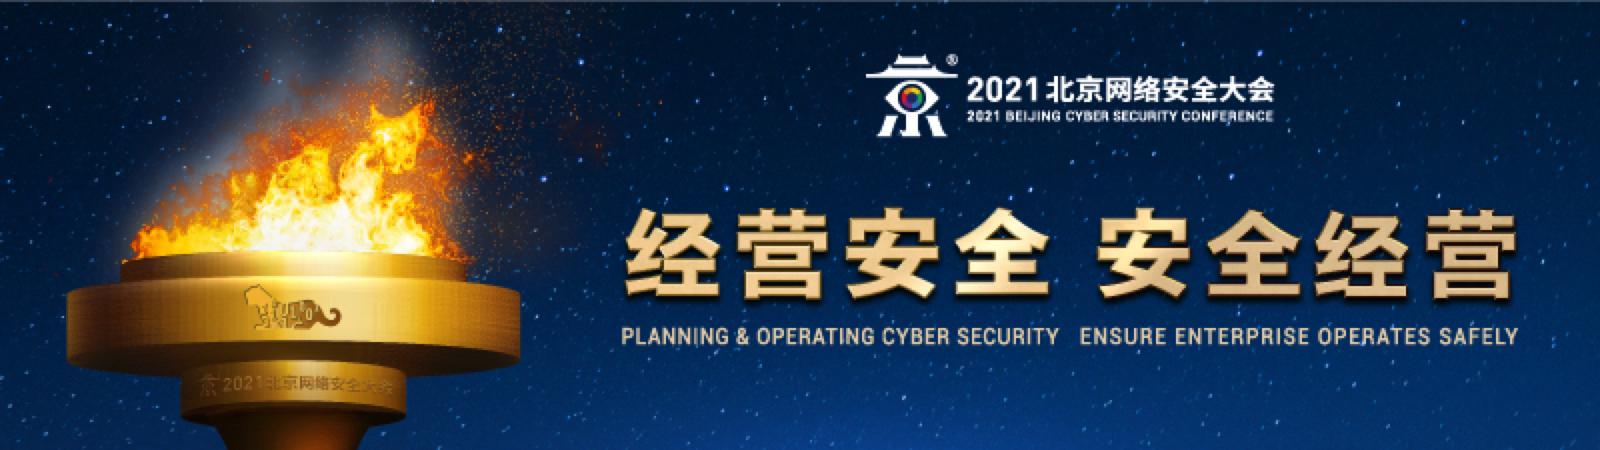 北京網絡安全大會